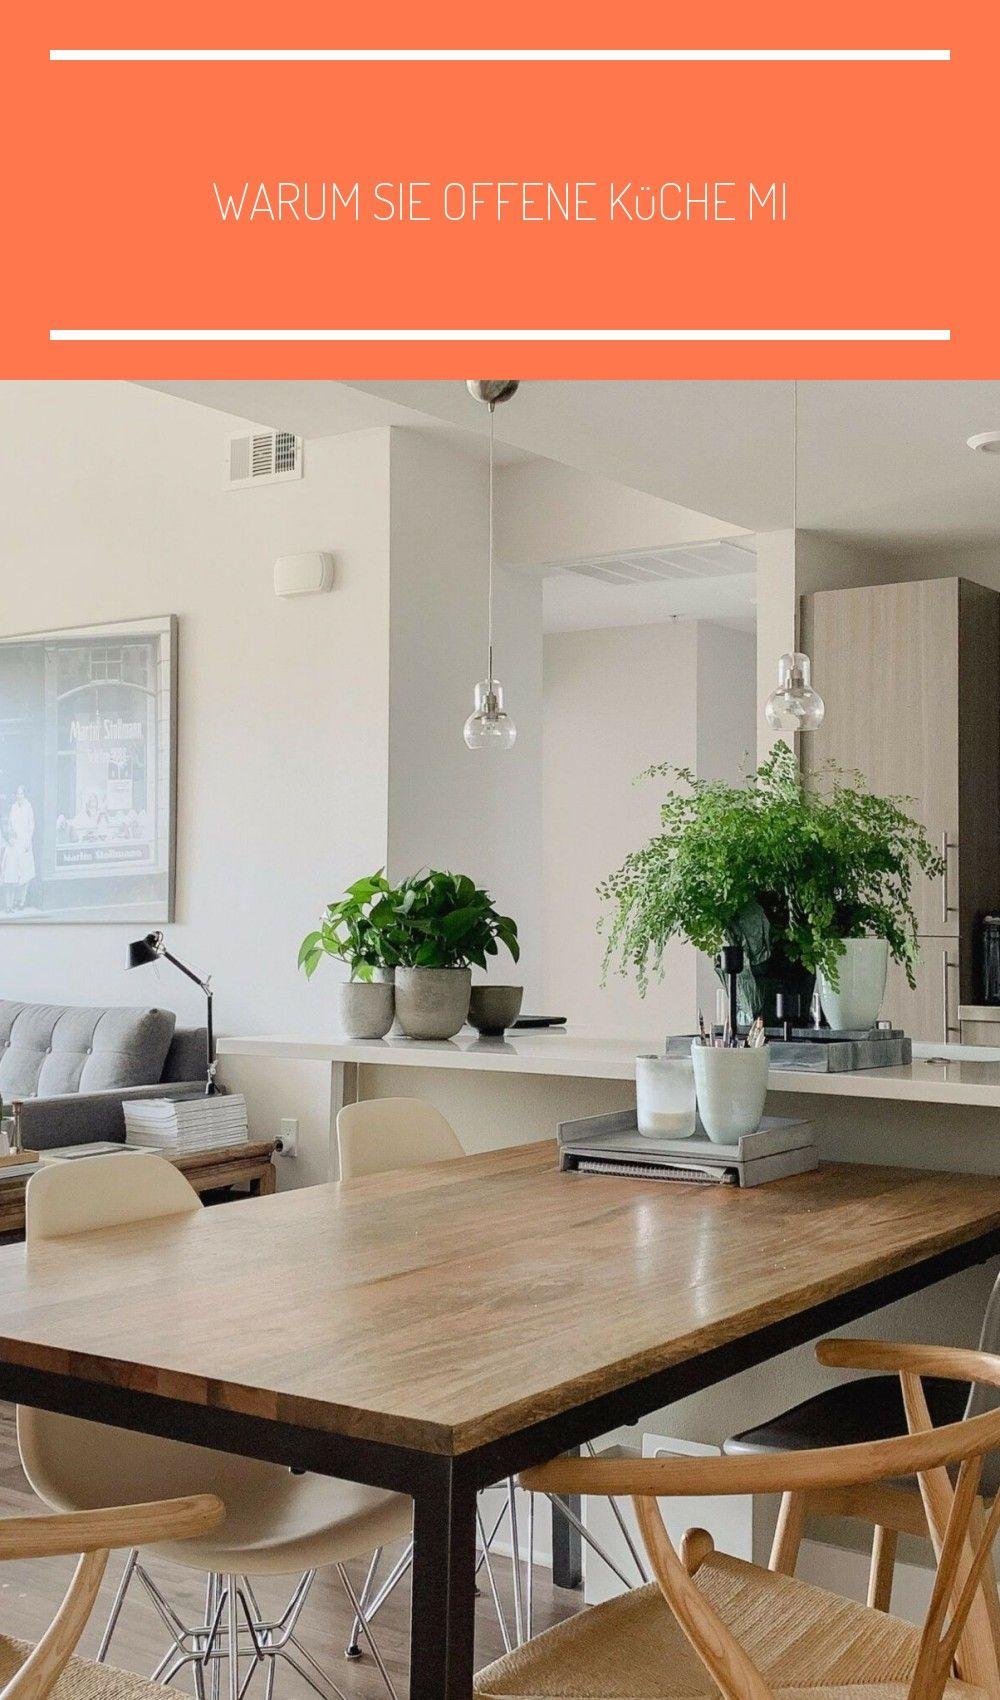 Warum Sie Offene Kuche Mit Wohnzimmer Klein Mindestens Einmal In Ihrem Leben Erleben Mussen Kleines Wohn Esszimmer Warum Sie Offene Kuche Mit Wohnzimmer Klein In 2020